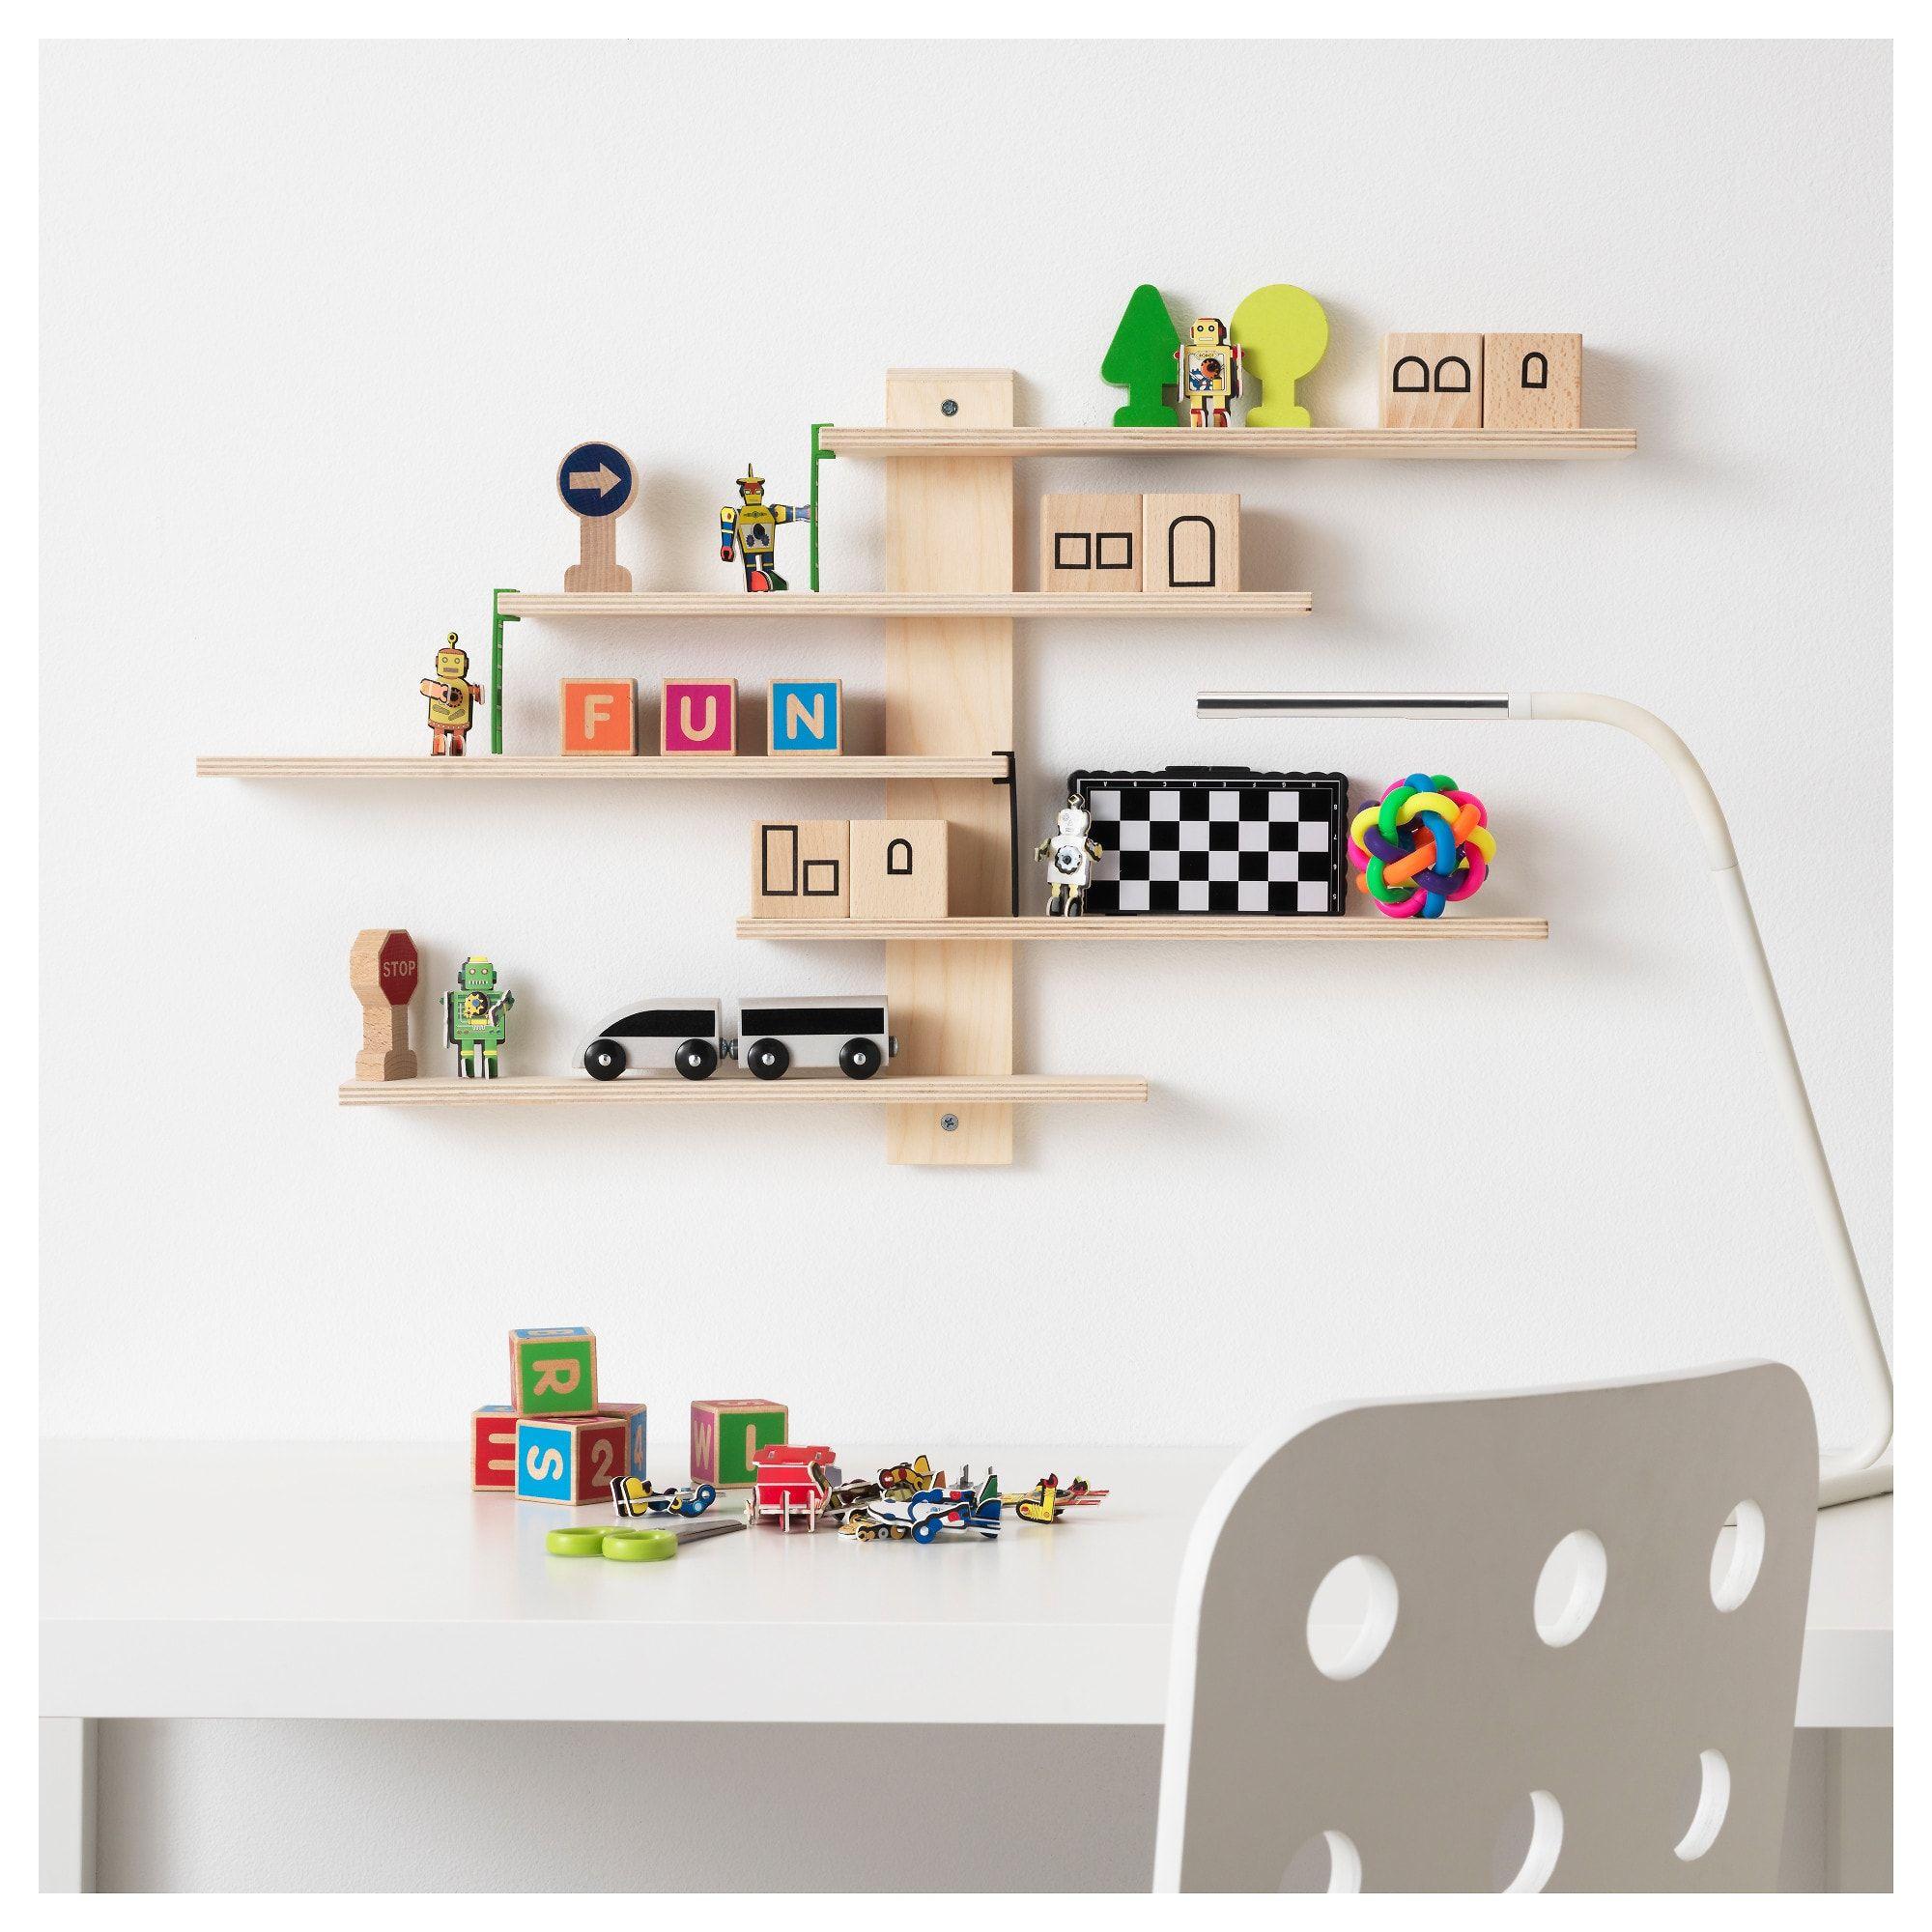 Lustigt Wall Shelf Ikea Kids Wall Shelves Ikea Wall Shelves Wall Shelves